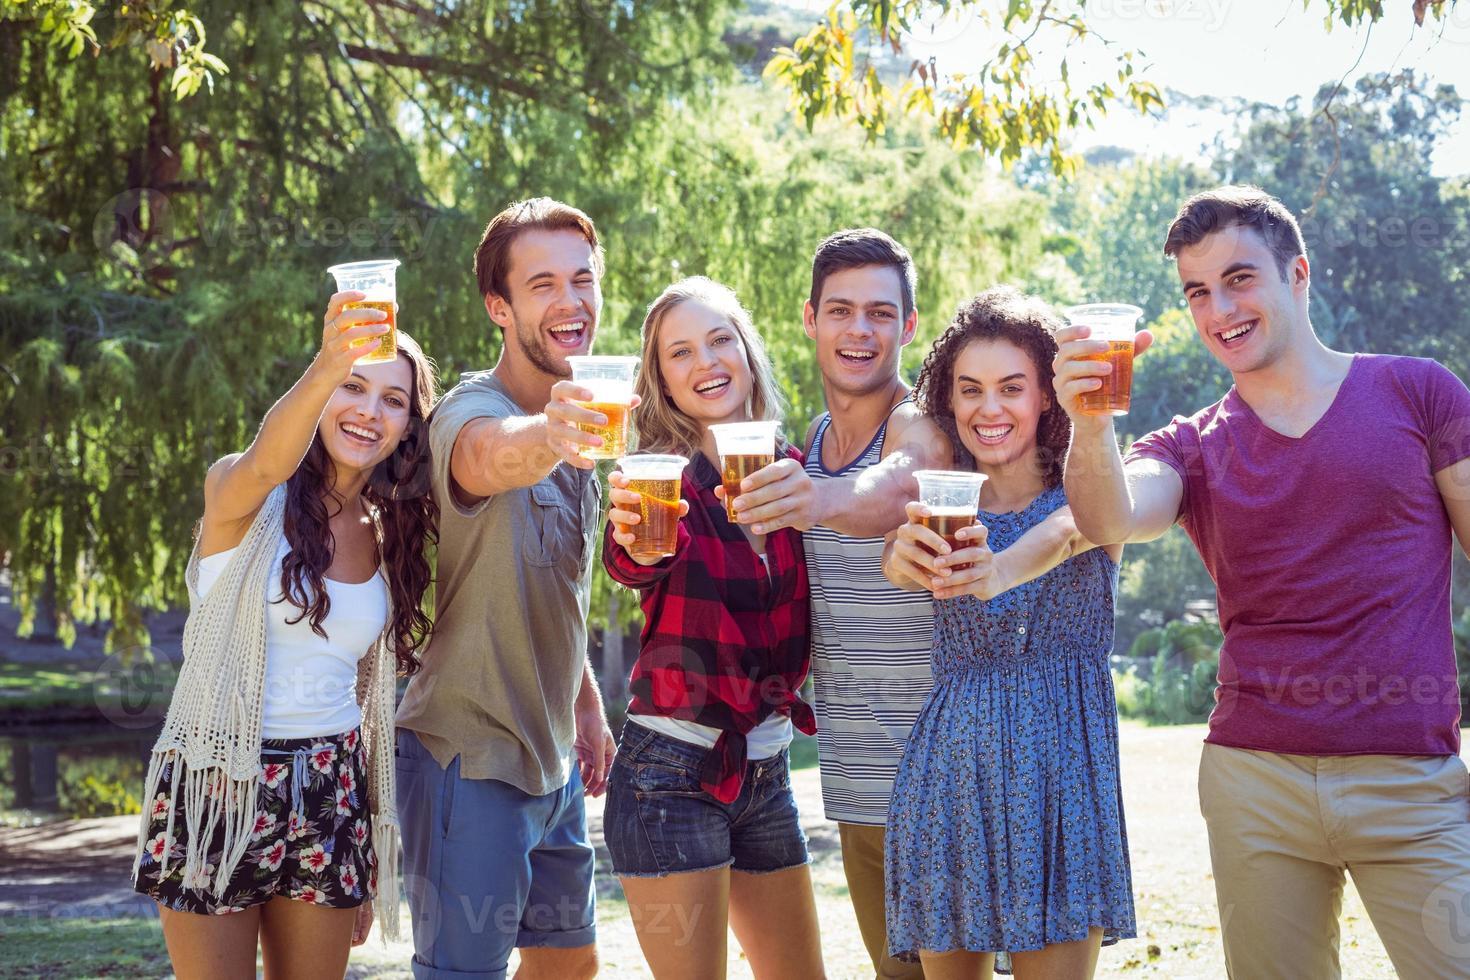 amigos felizes no parque tomando cervejas foto